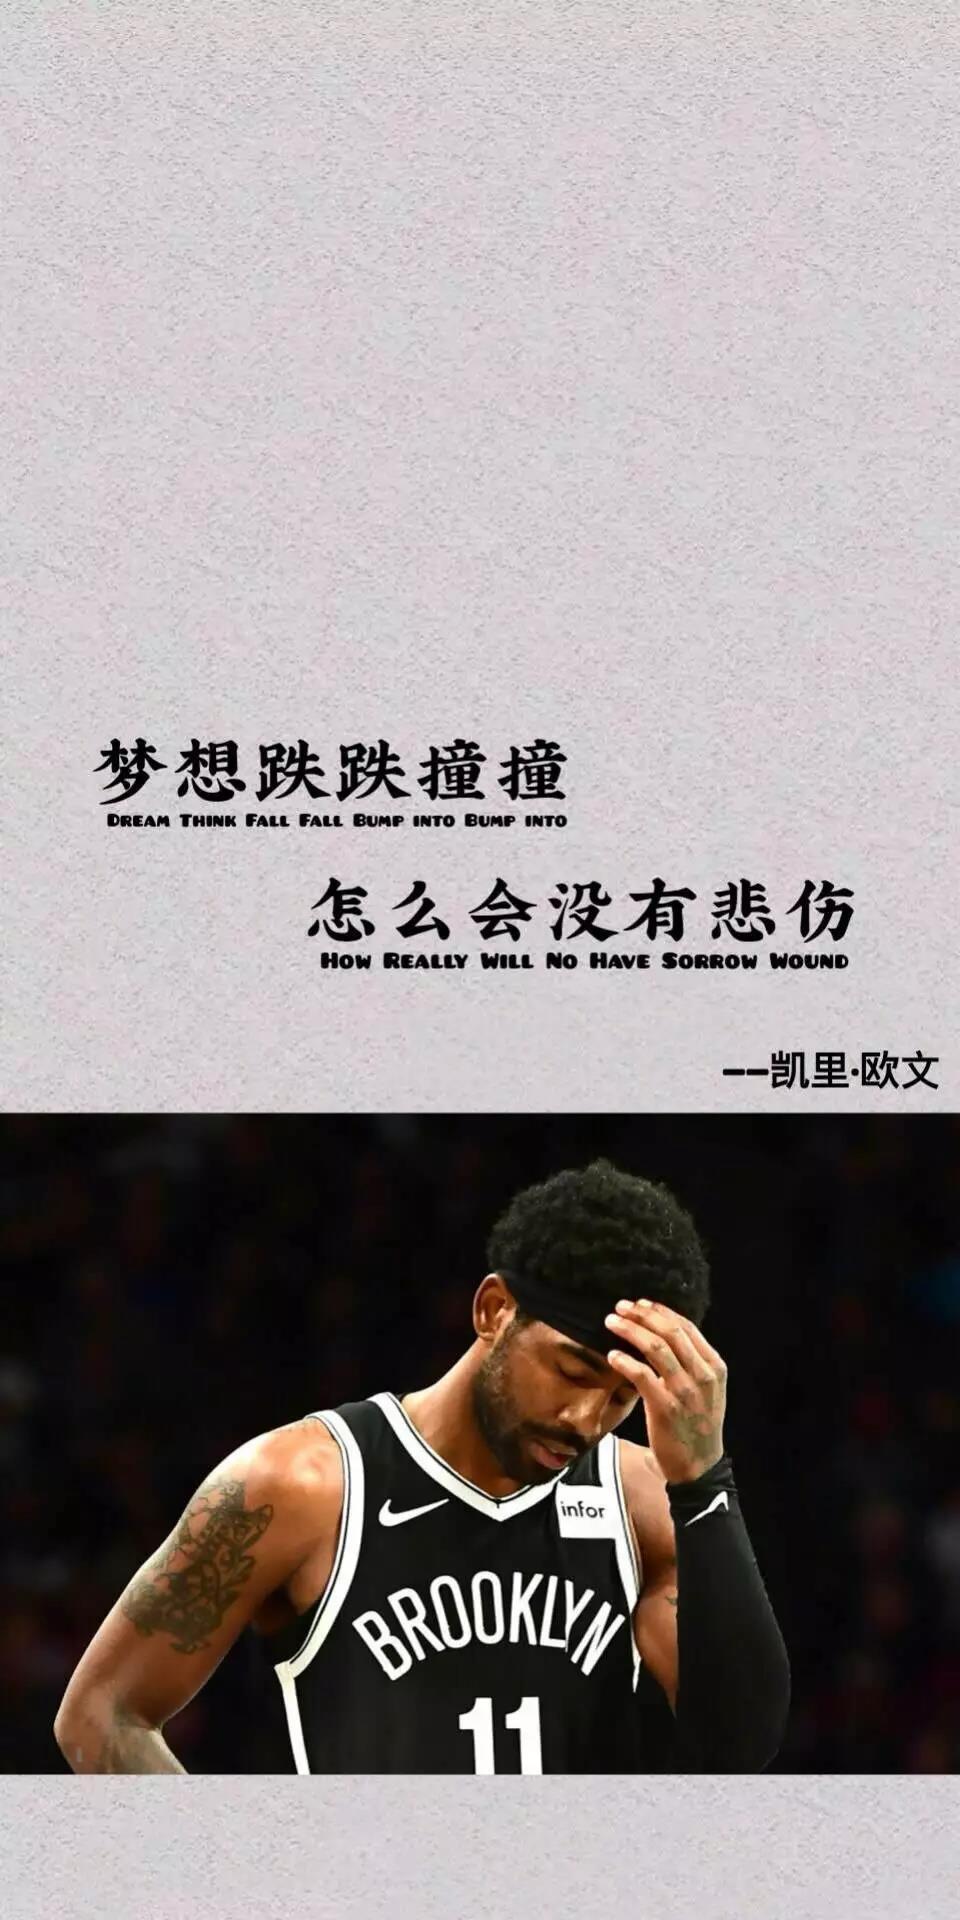 有没有一些好的篮球壁纸?